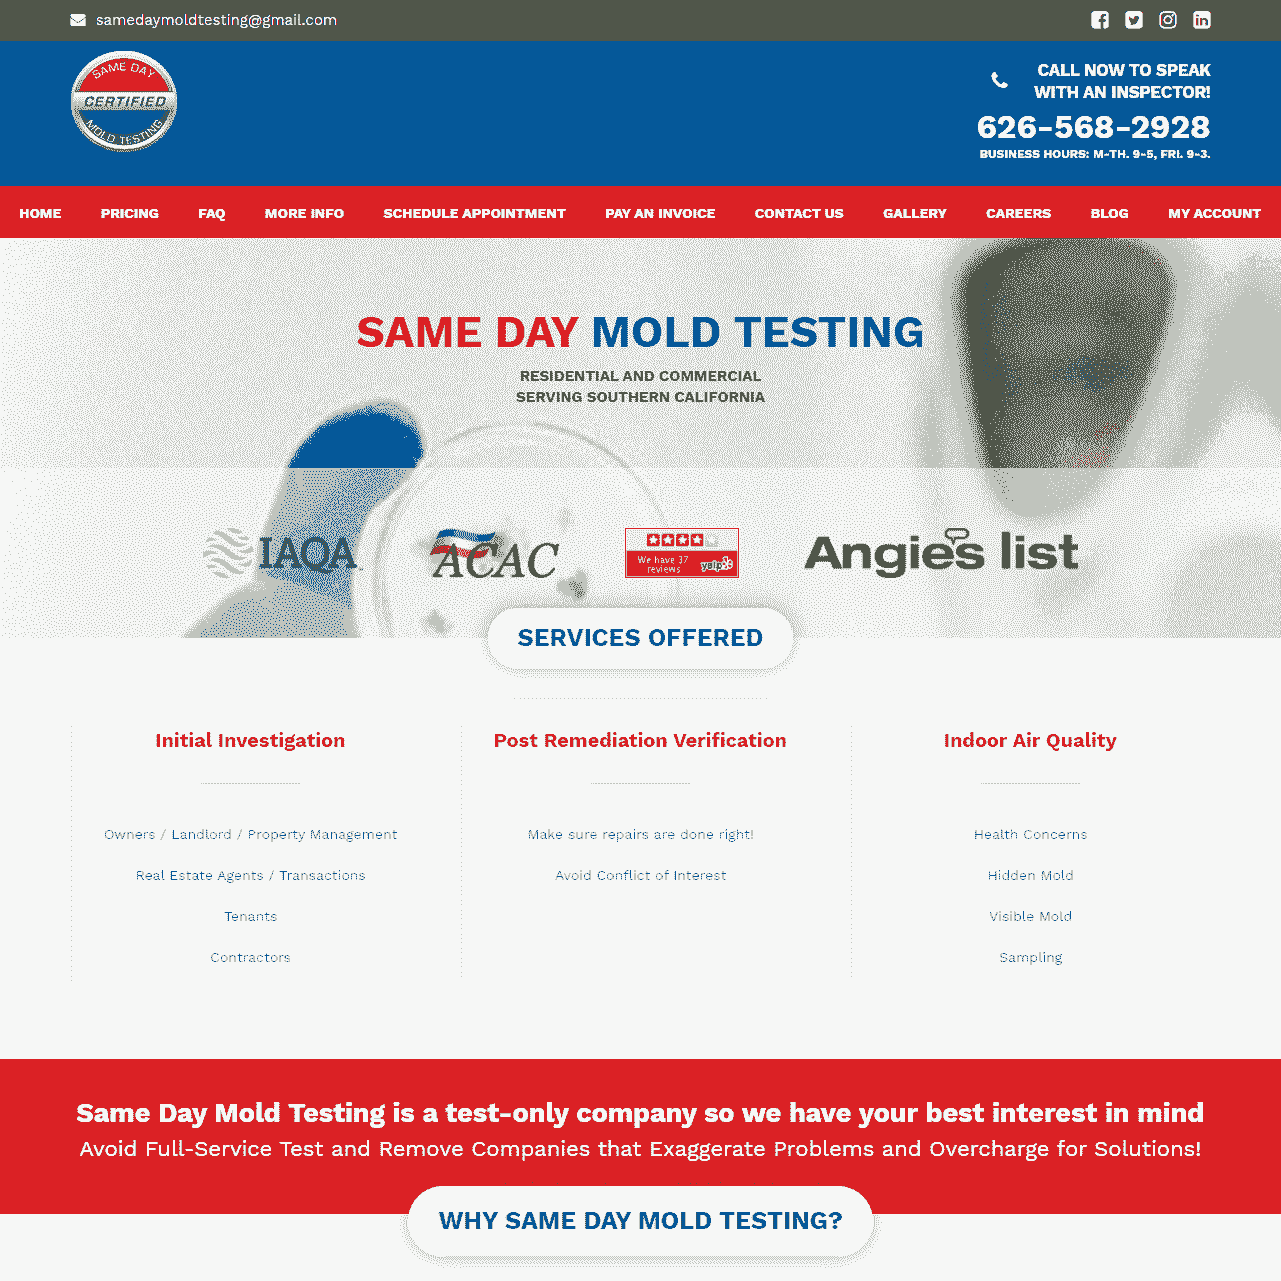 Same Day Mold Testing, Inc.